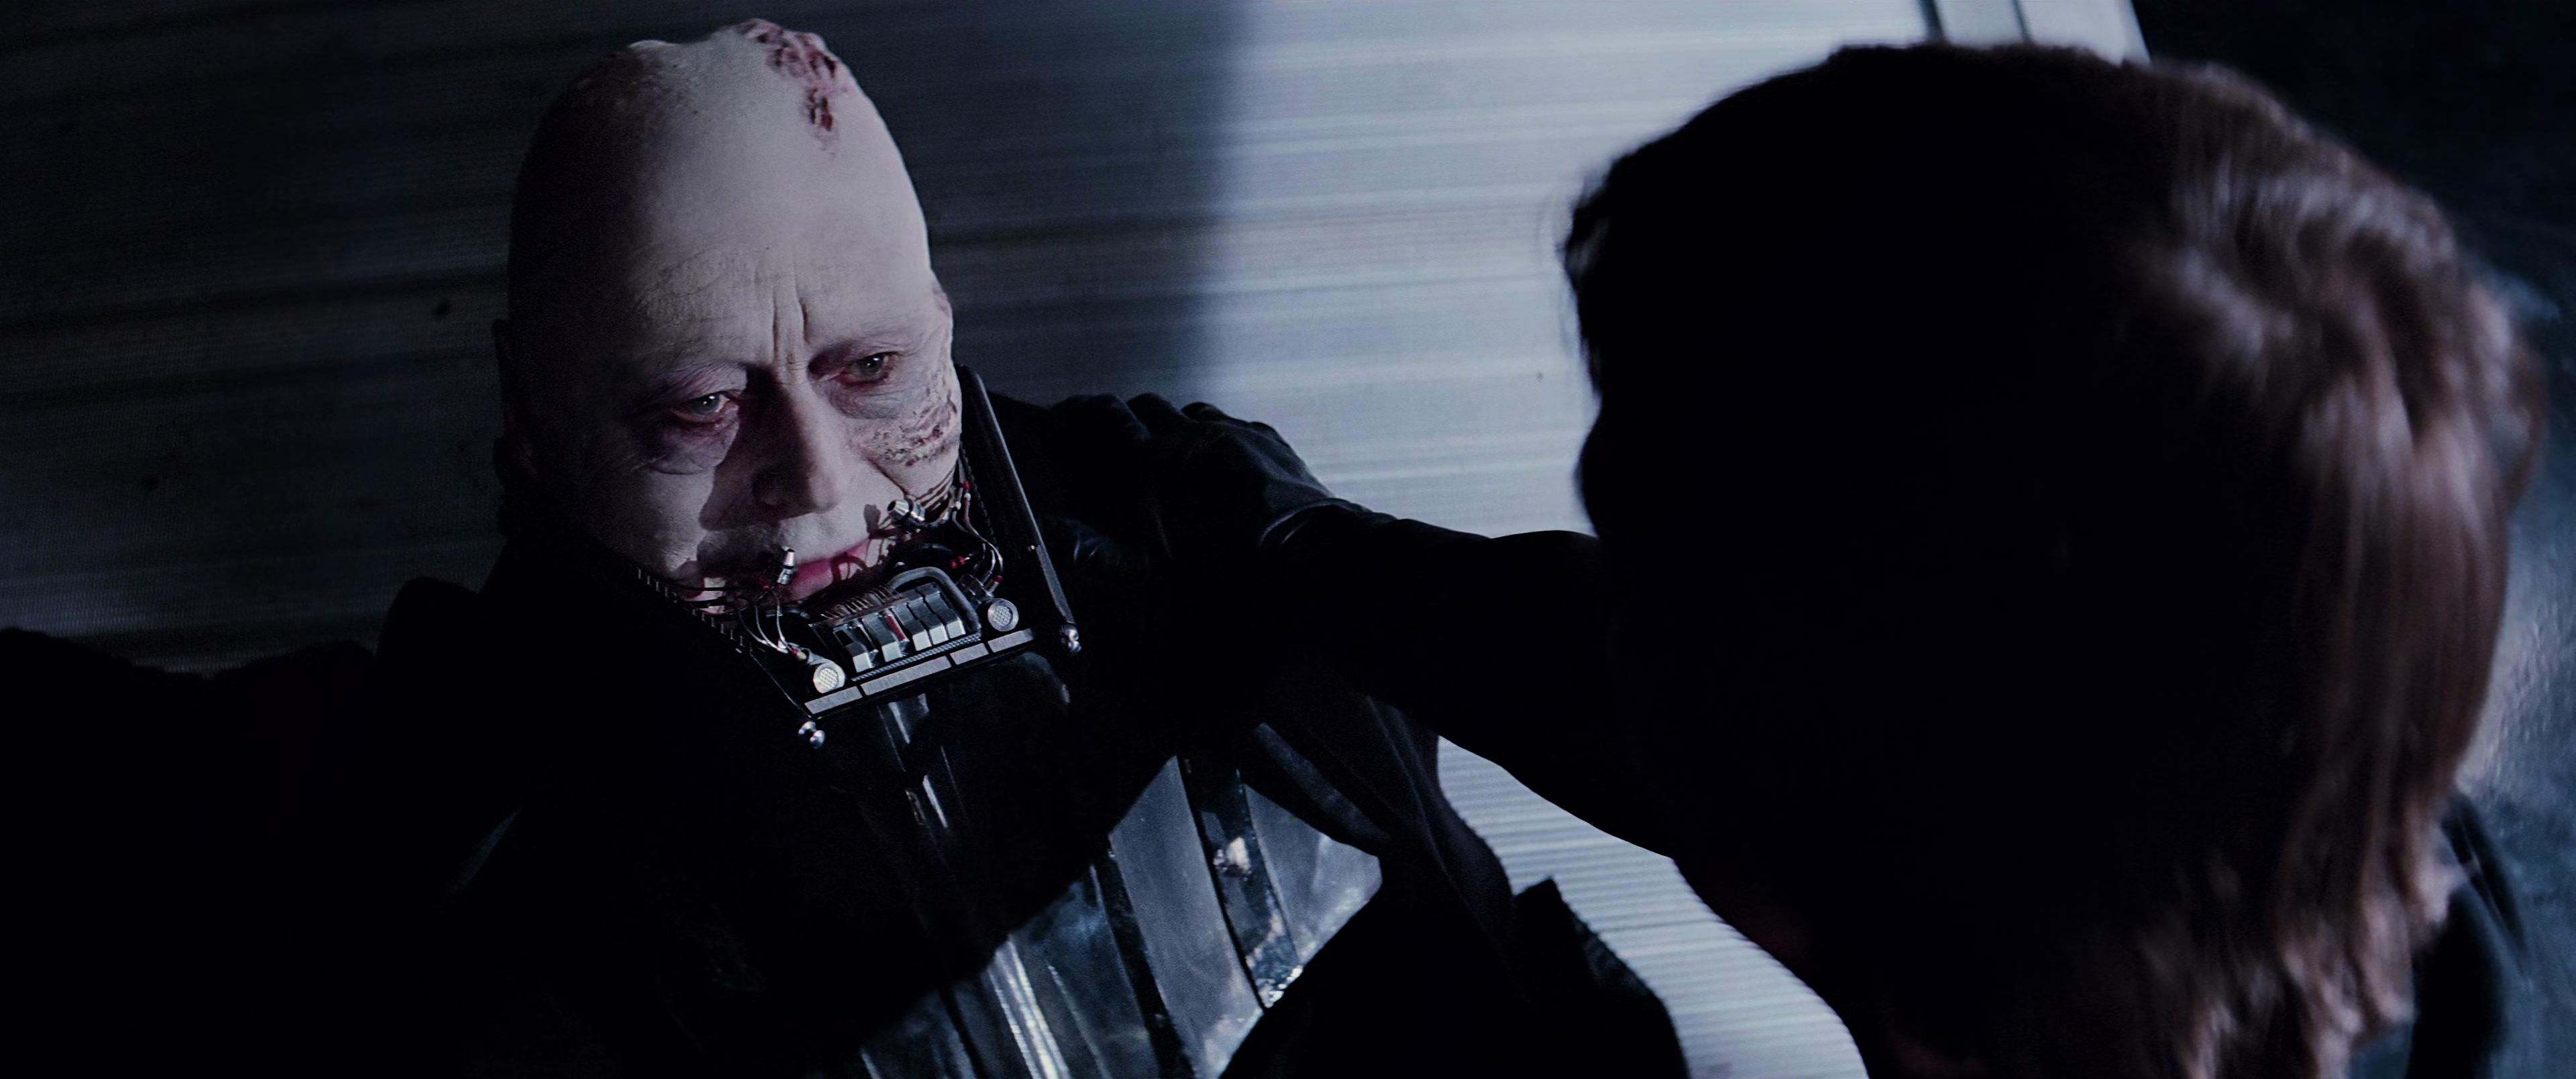 Star Wars Episode VI: Return of the Jedi - Wookieepedia, the Star Wars